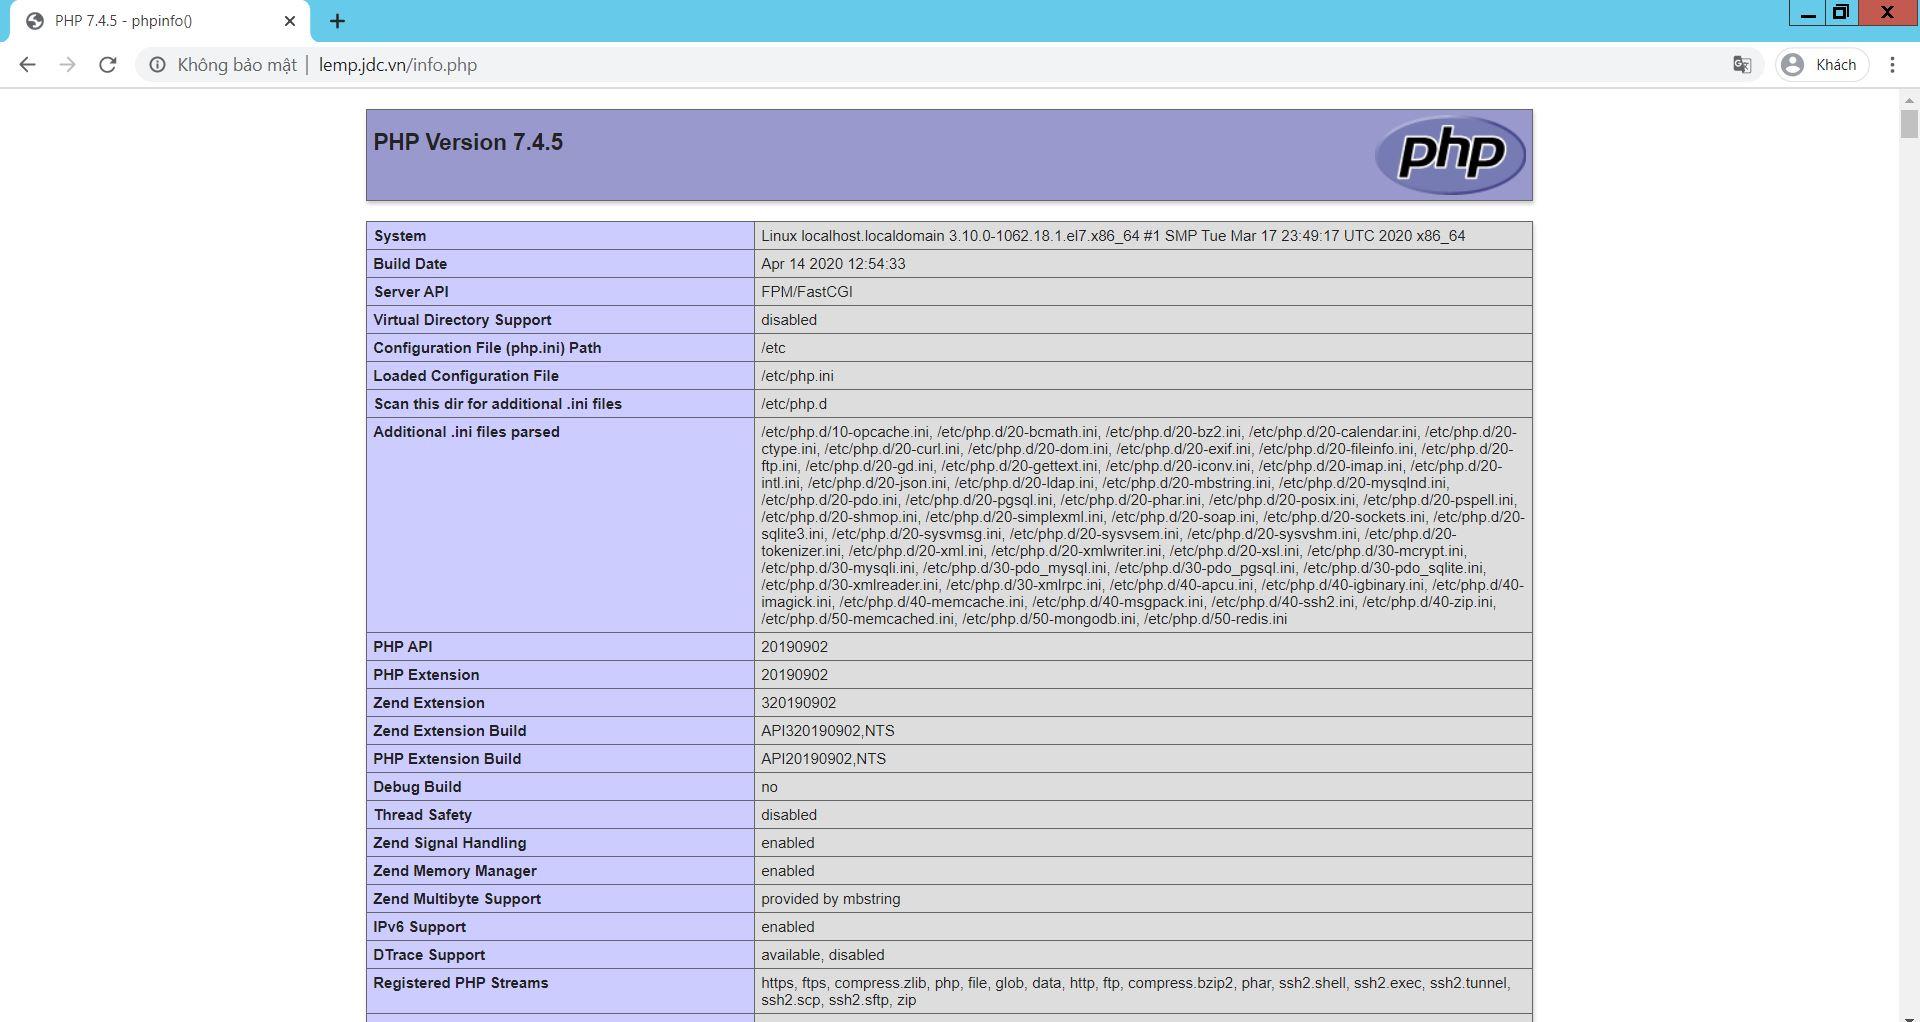 Cài đặt LEMP - Nginx 1.62 php-fpm74 MariaDB 10.4